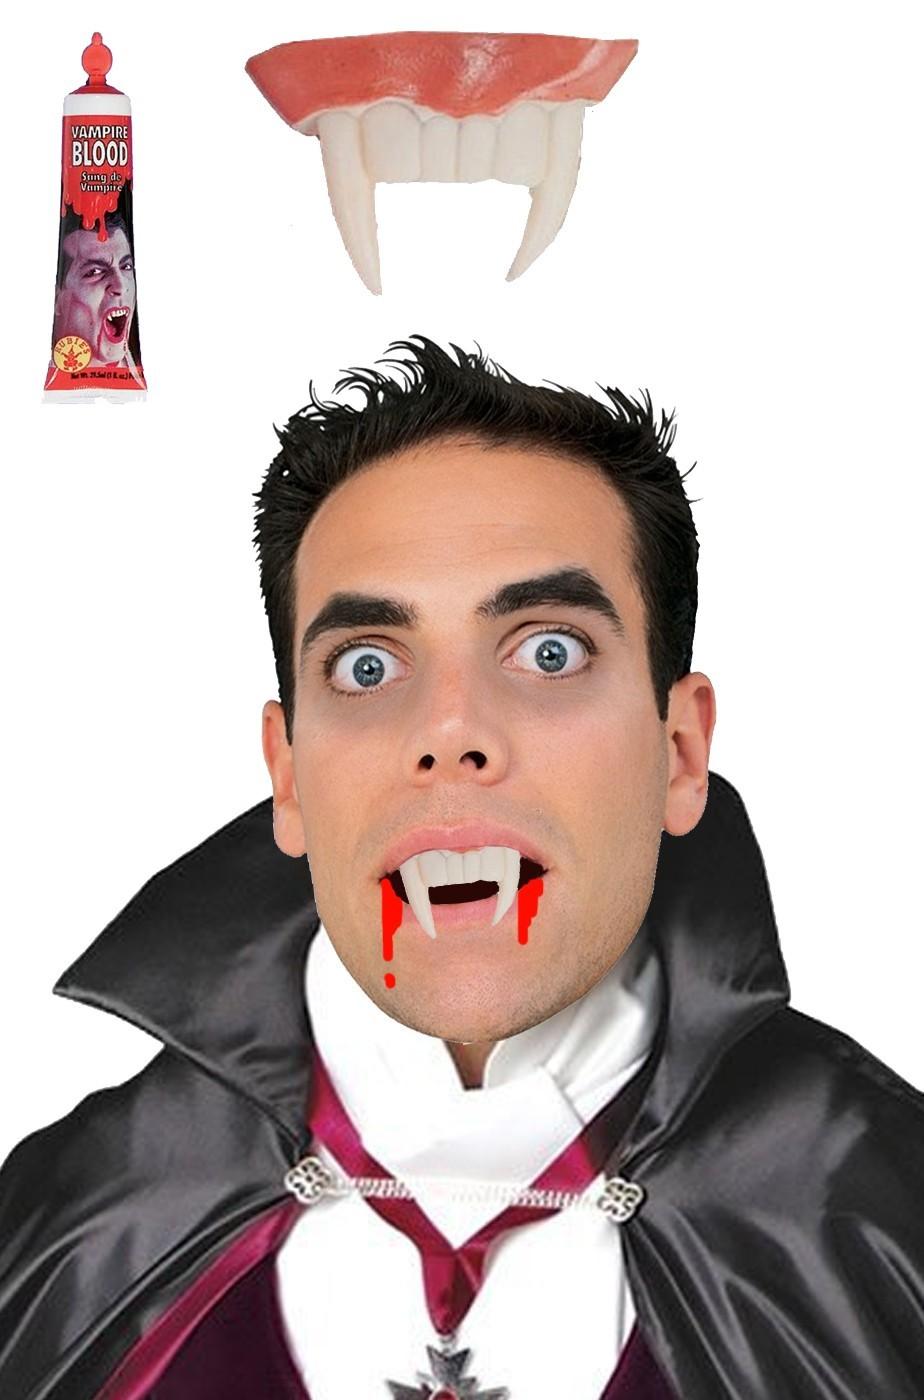 FX Sangue finto teatrale in tubetto con dentiera a canini vampiro morbida